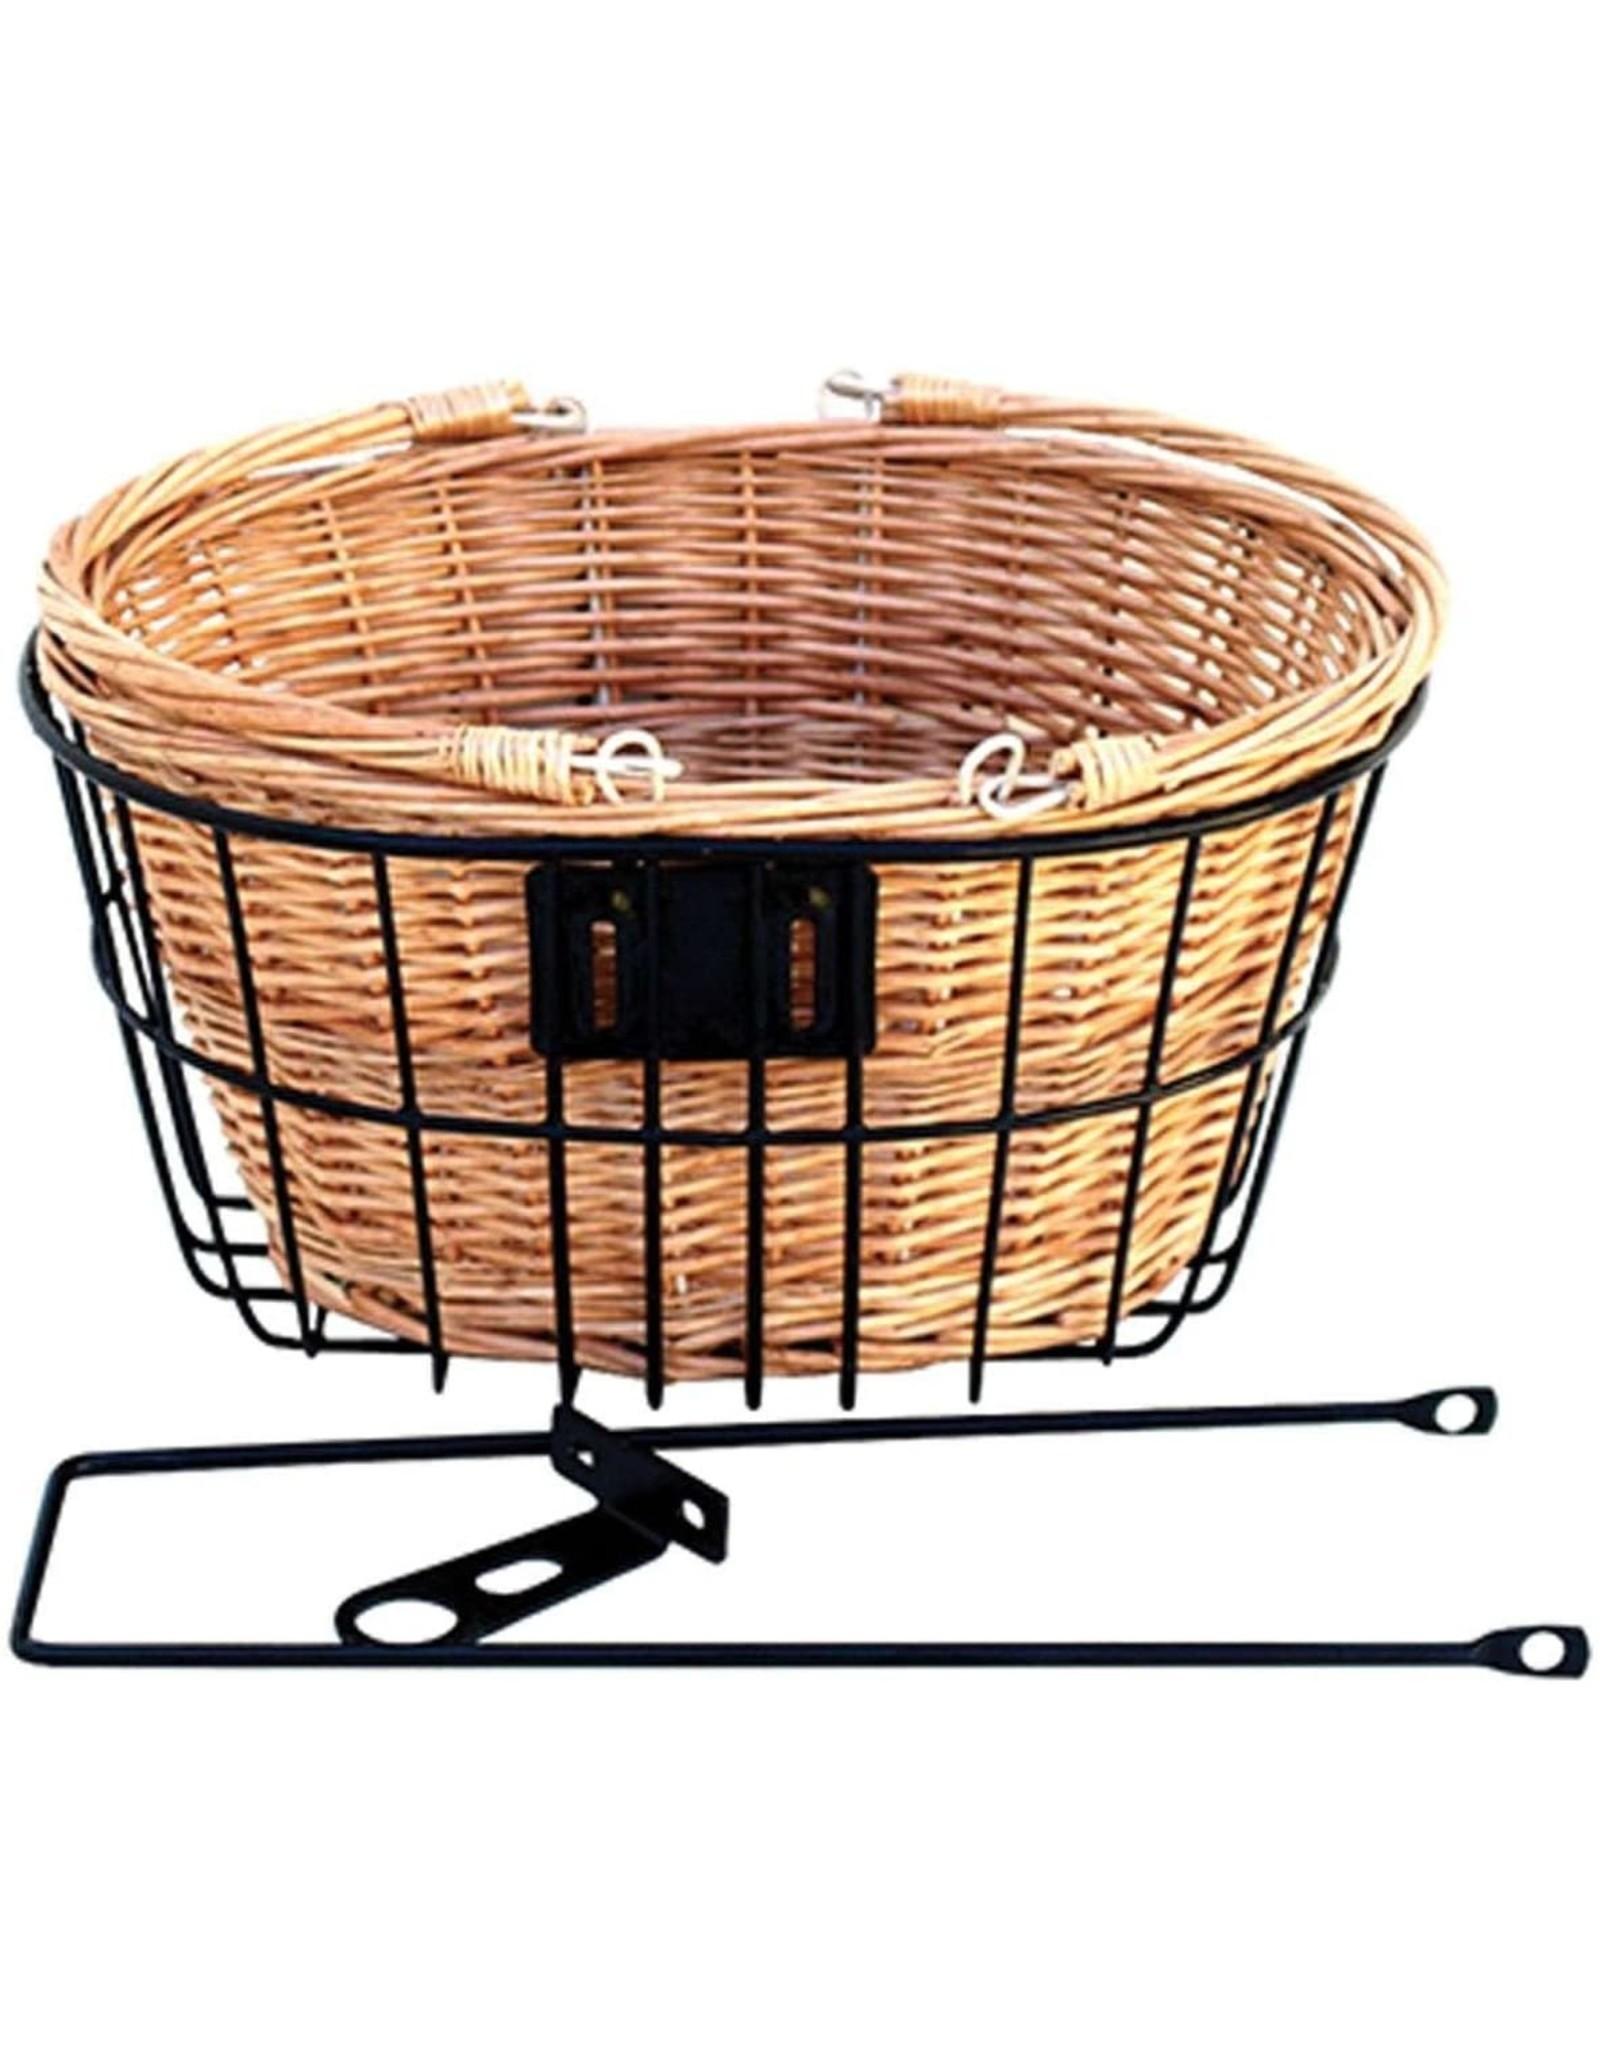 Reid Vintage Front Basket